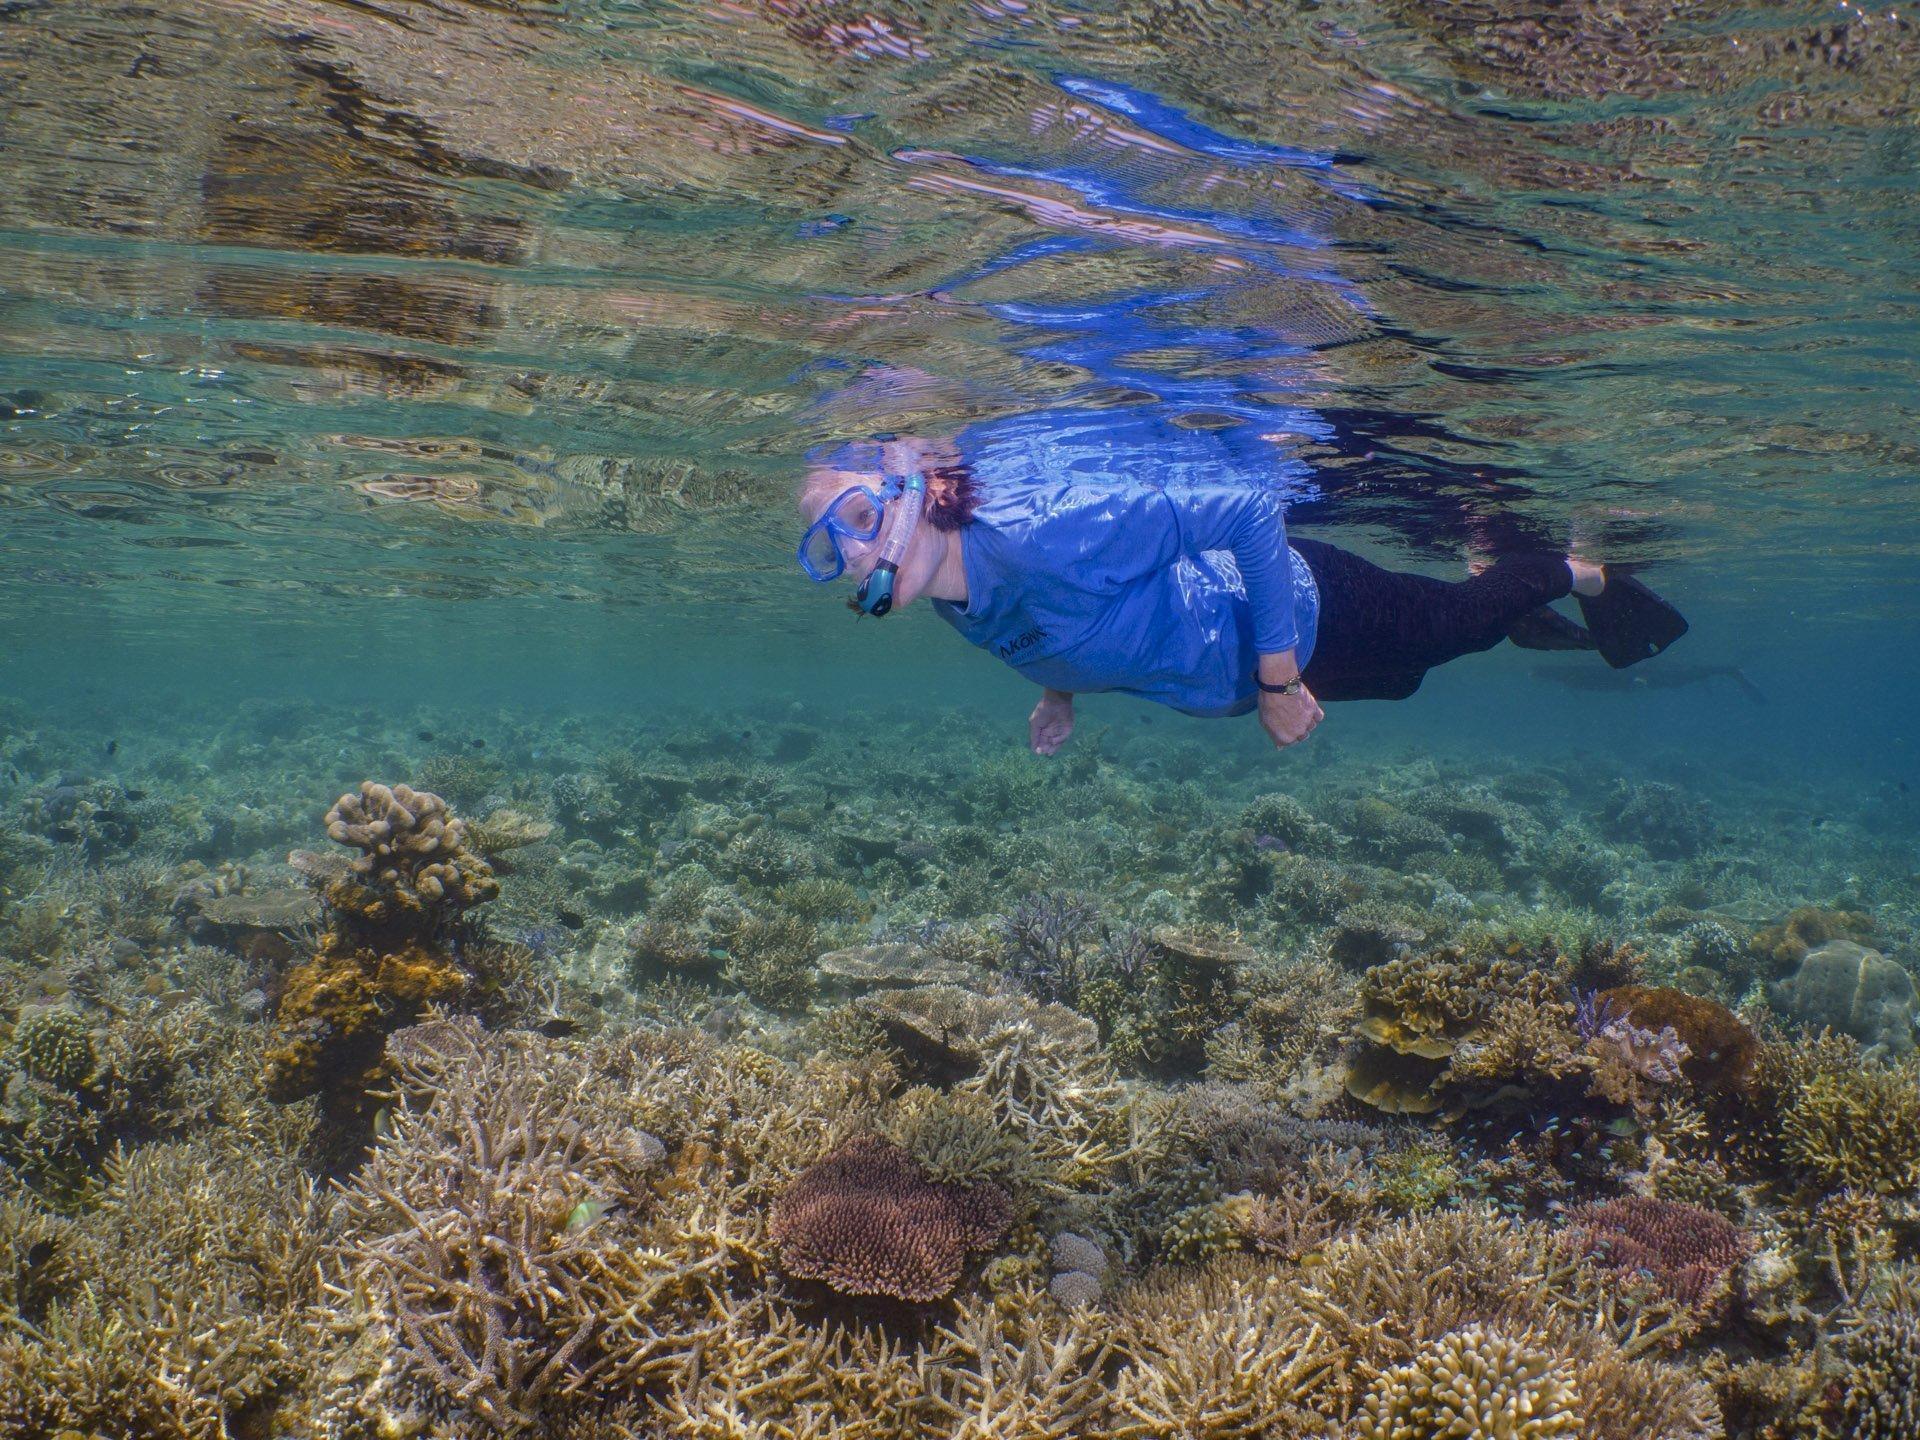 Snorkeler exploring reef in Komodo